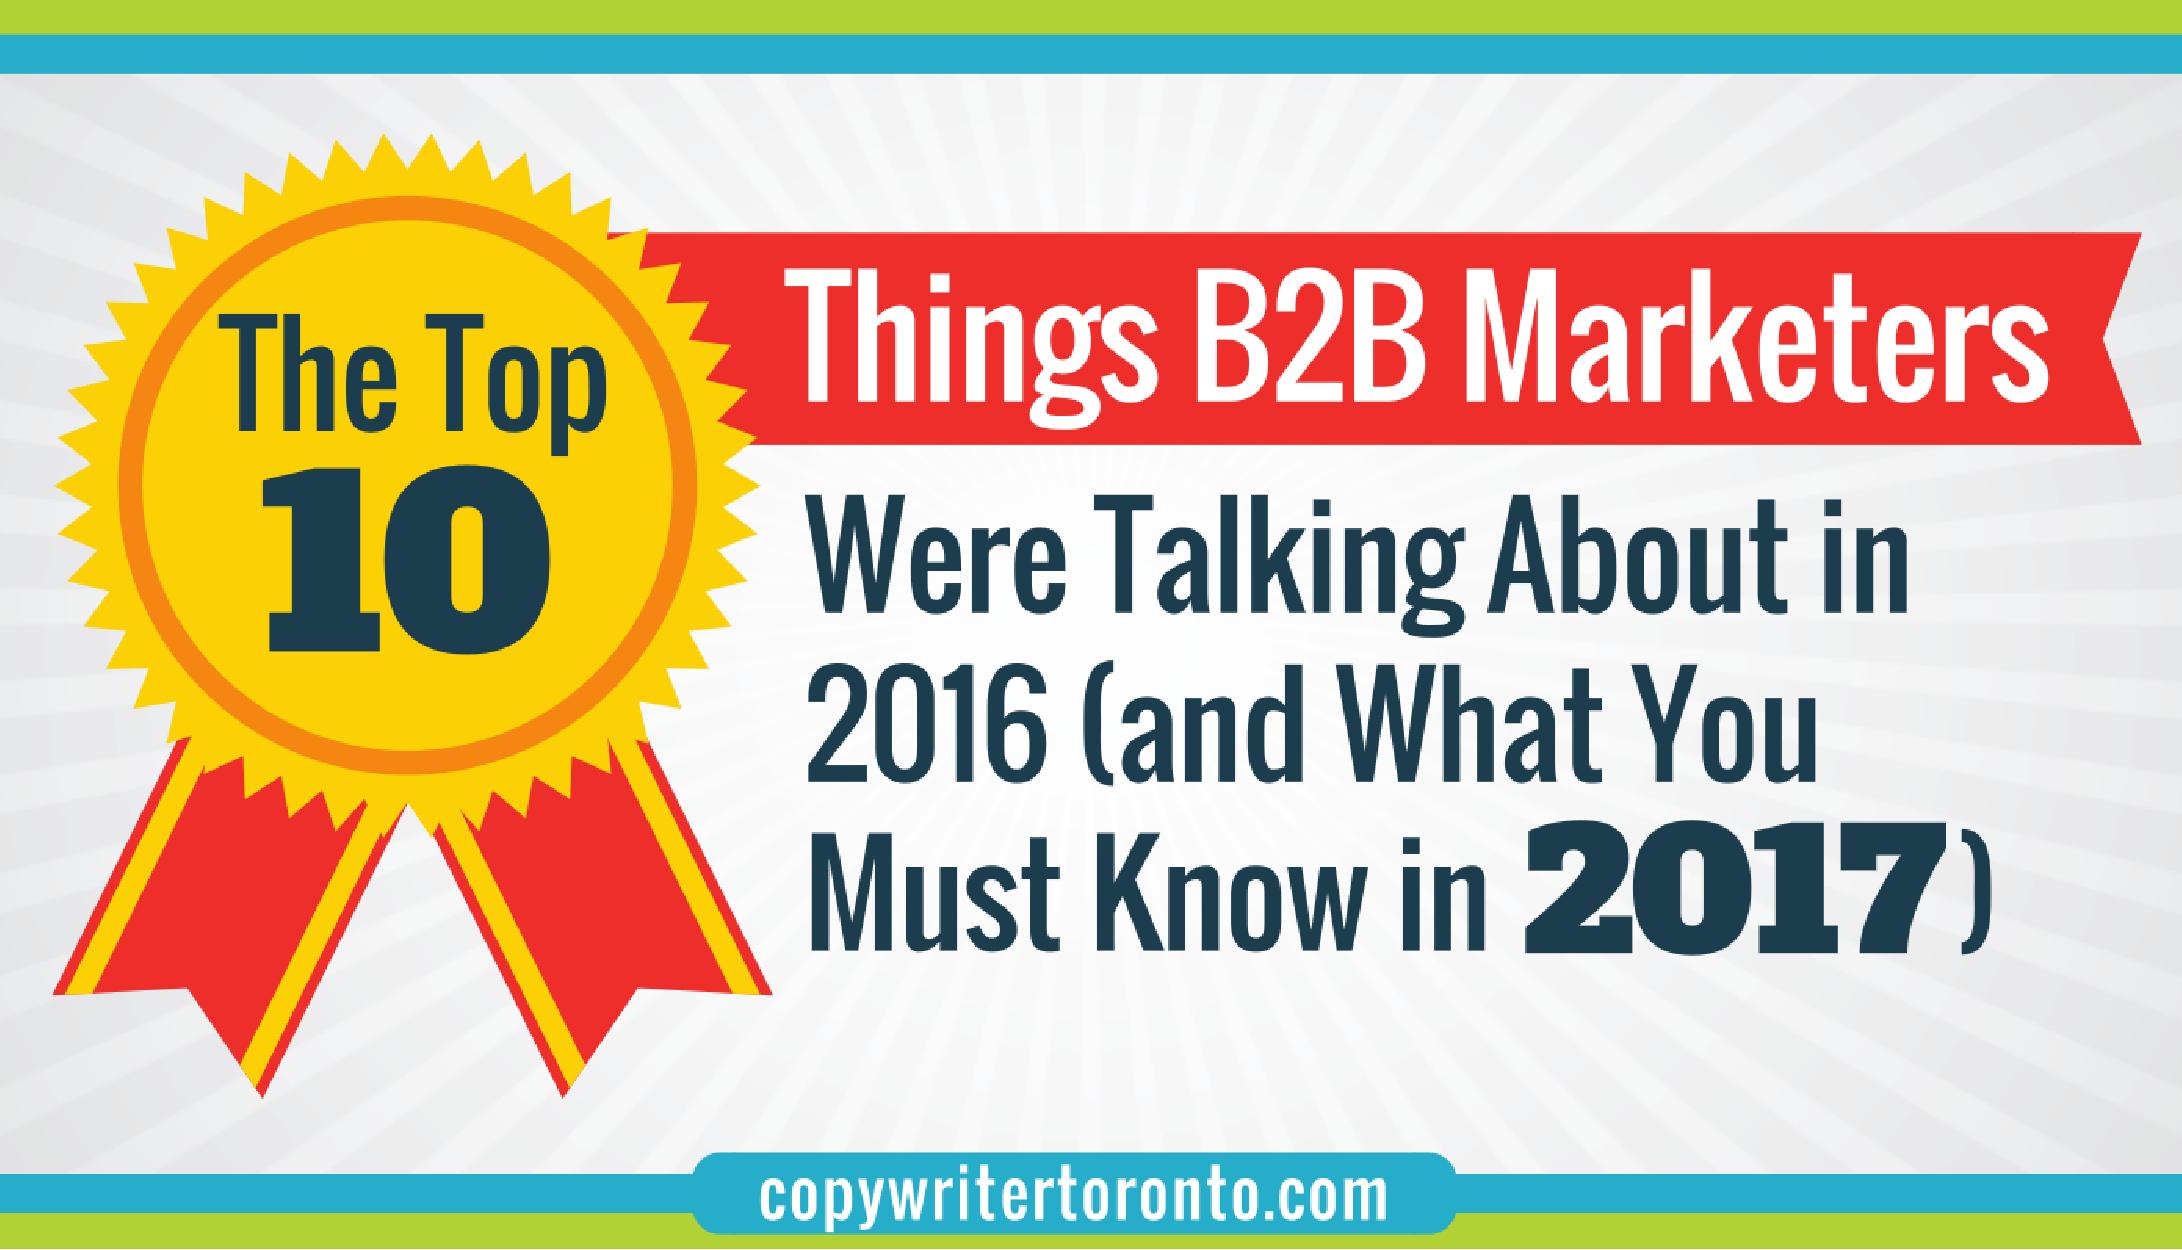 b2b-marketing-top-posts-2016